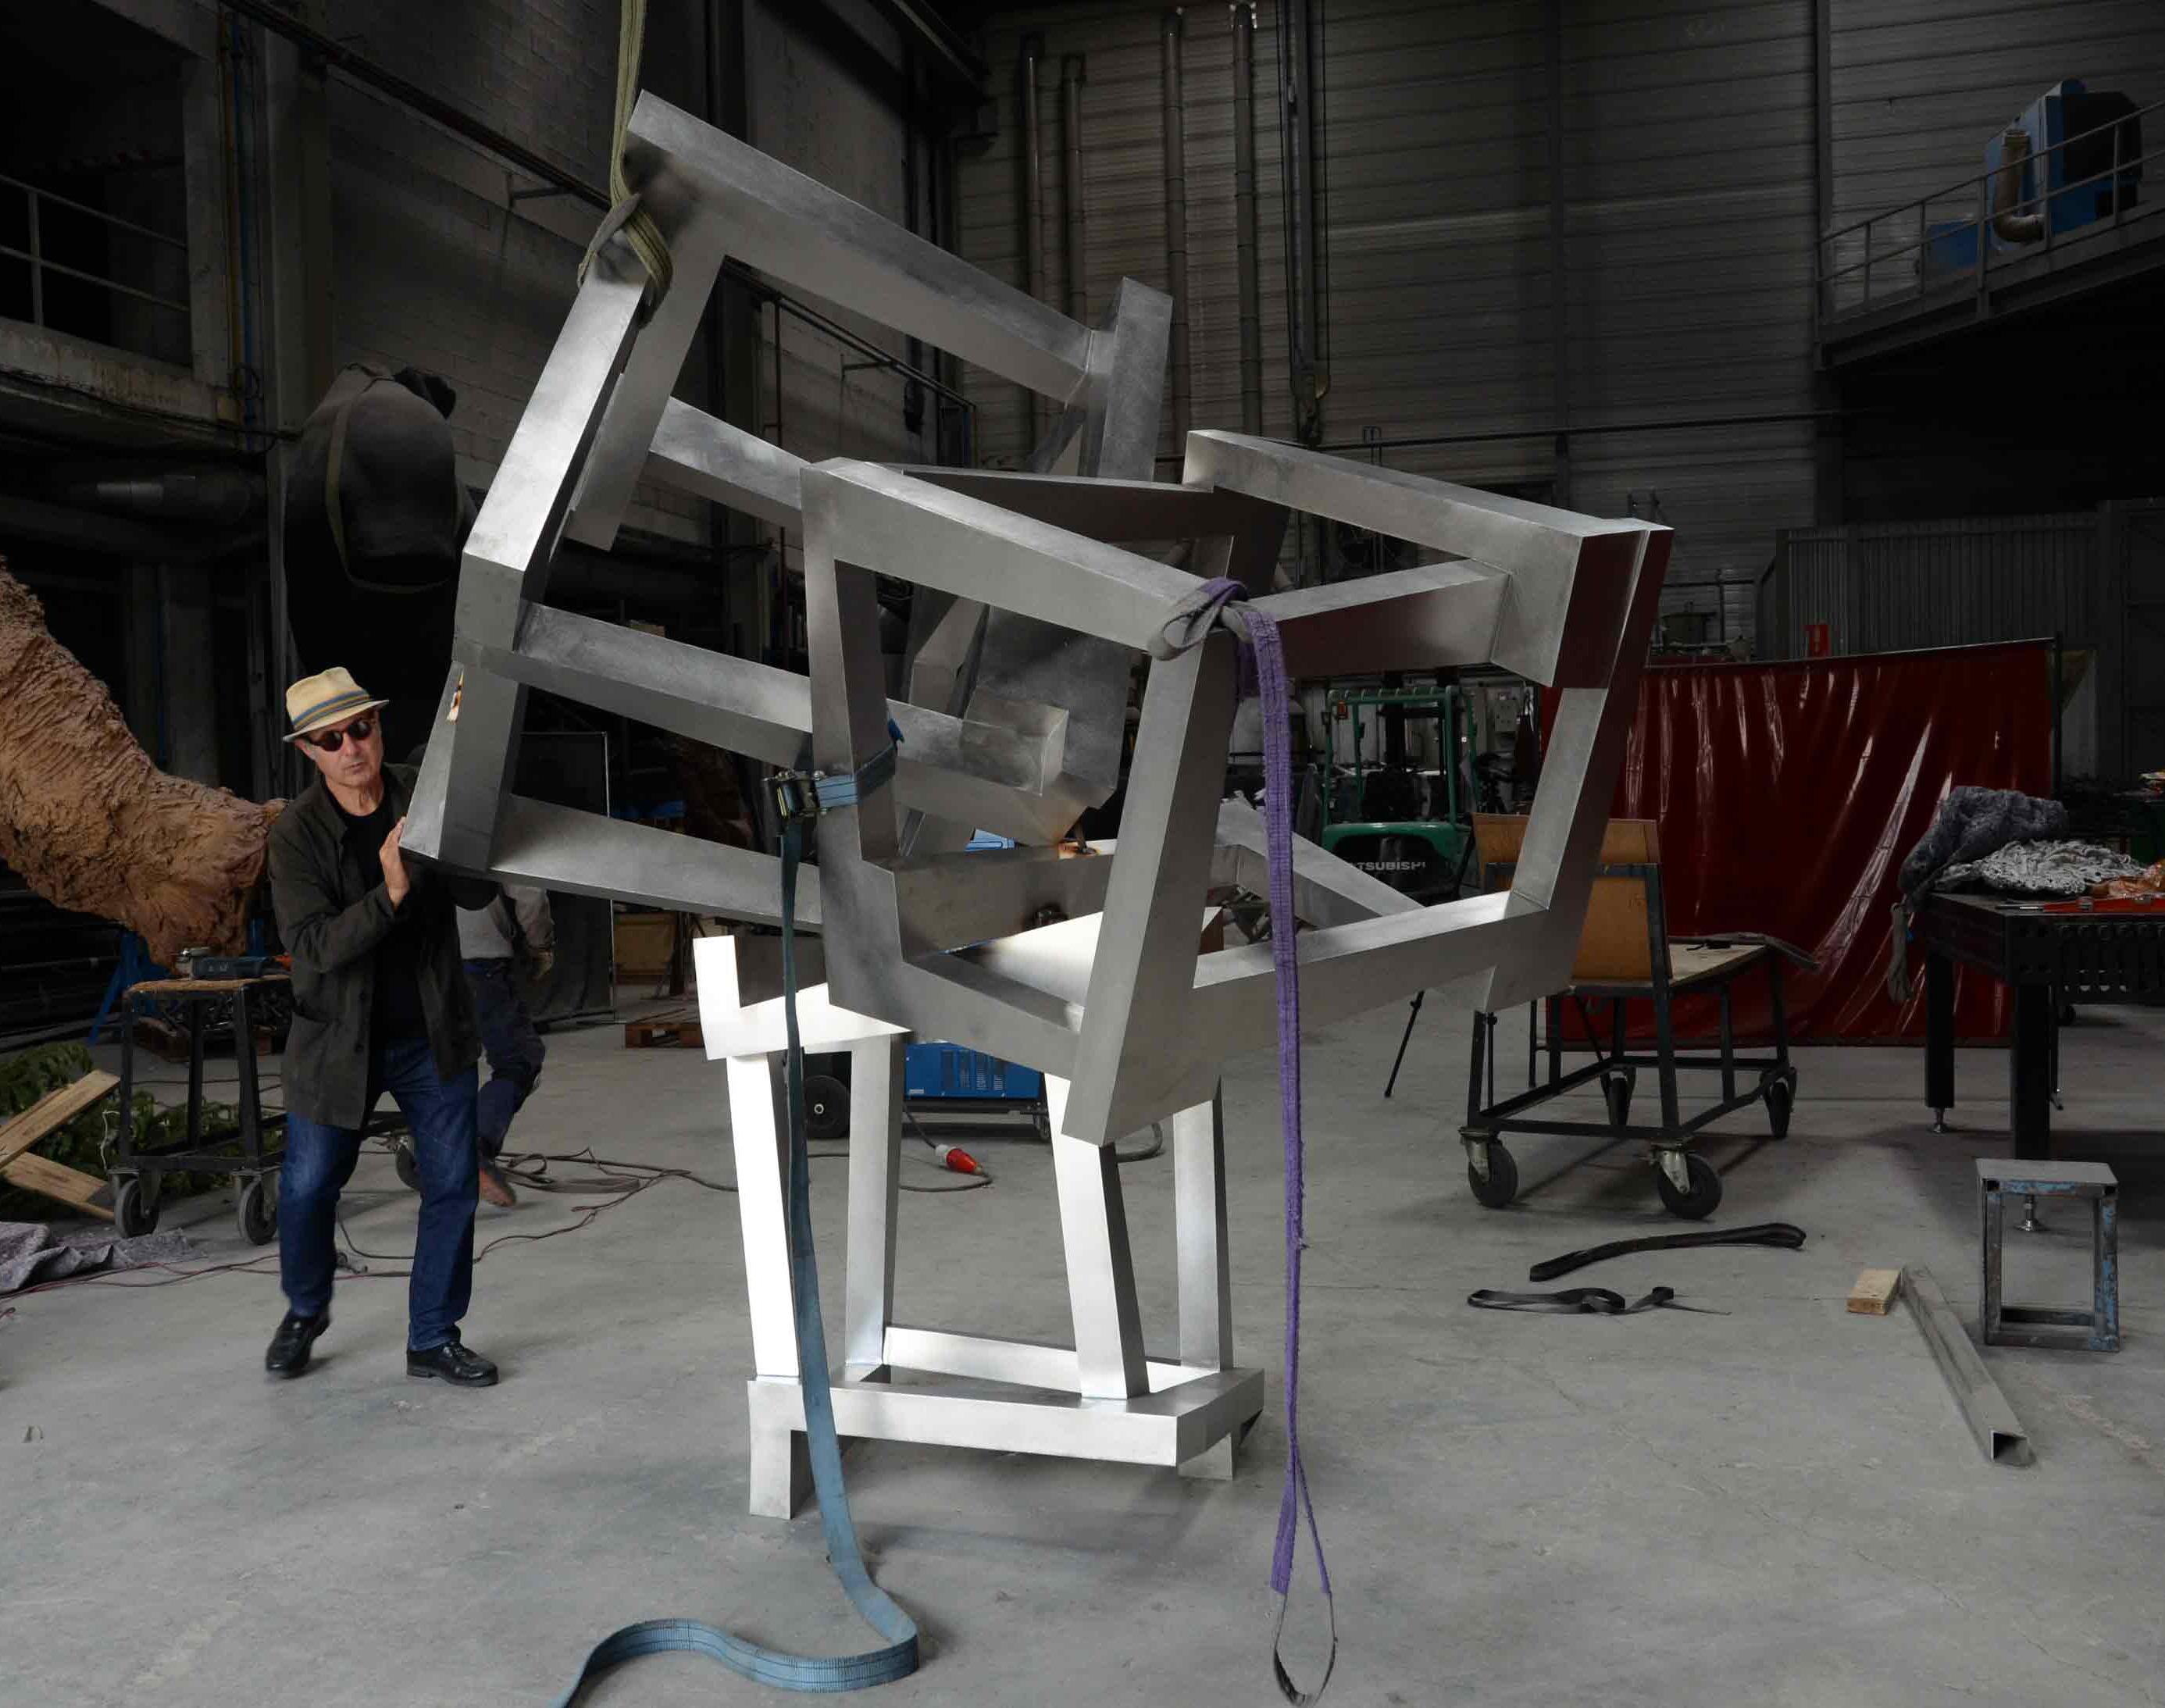 Proyectos Jedd Novatt: Chaos Zatitu, Chaos Goratu, Chaos Zurrunbiloa, Chaos Espiral, Chaos Construction V - Construcción en Acero Inoxidable - Alfa Arte